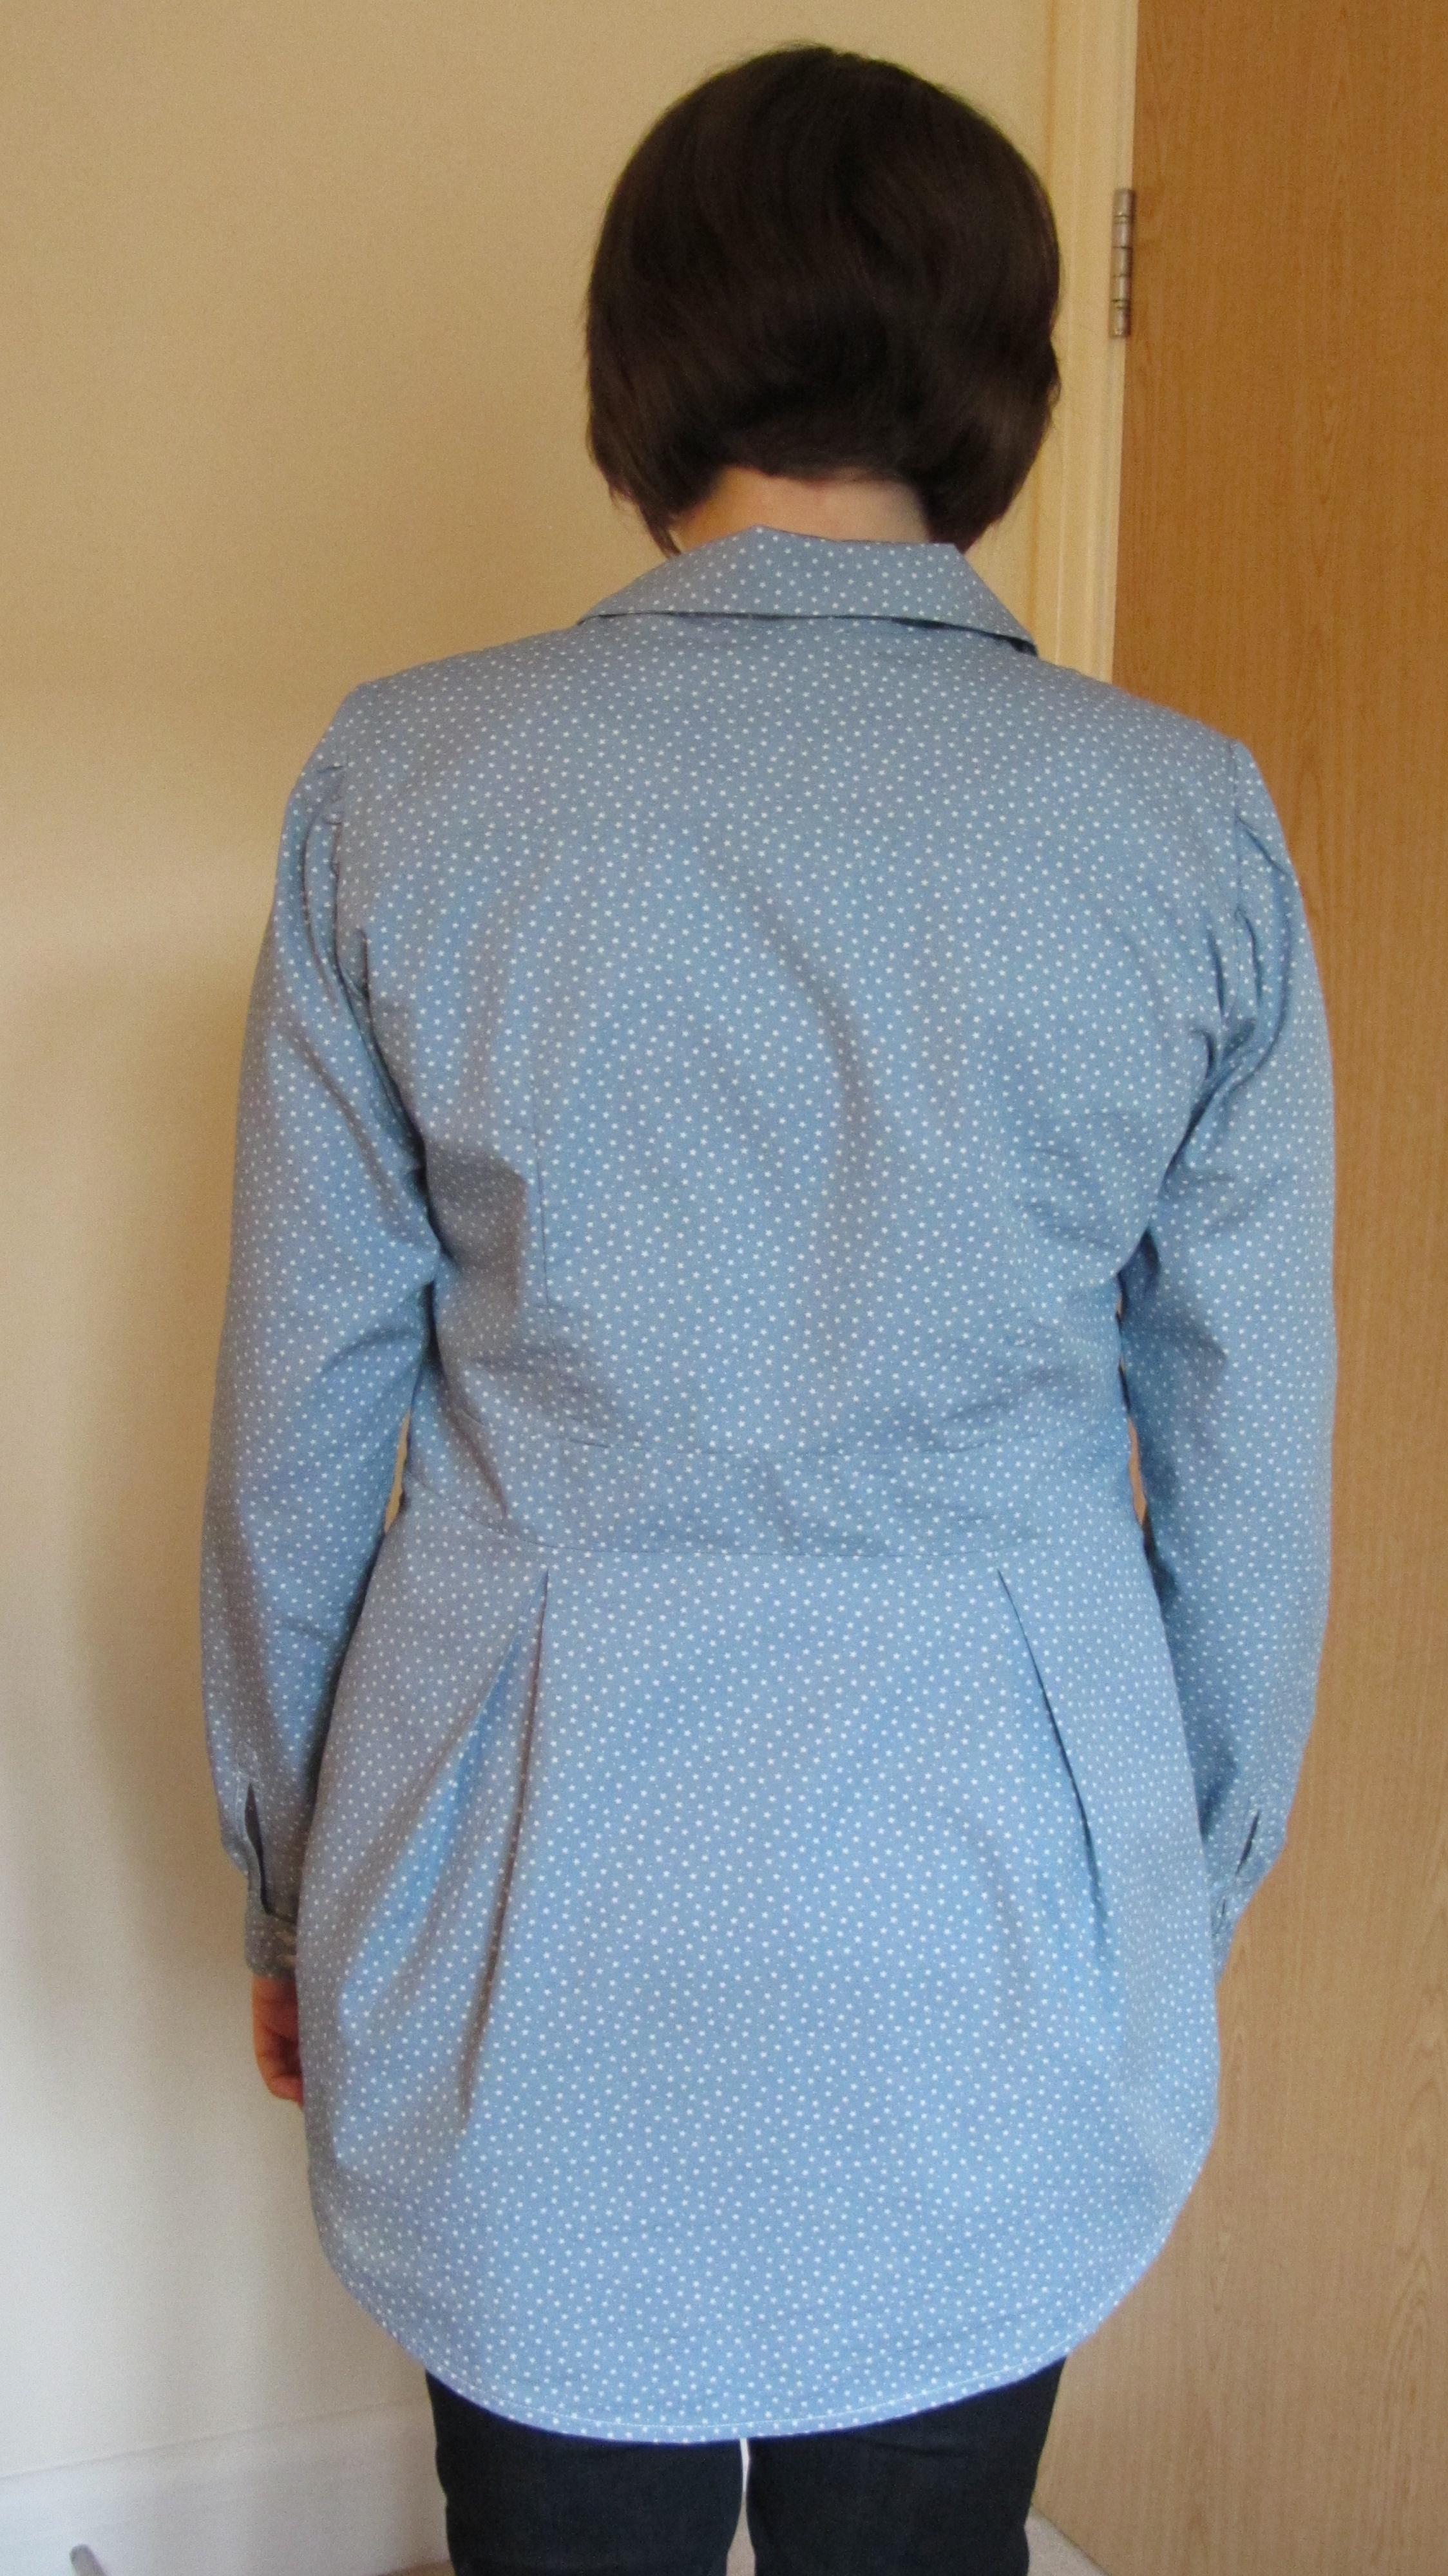 Bruyere shirt